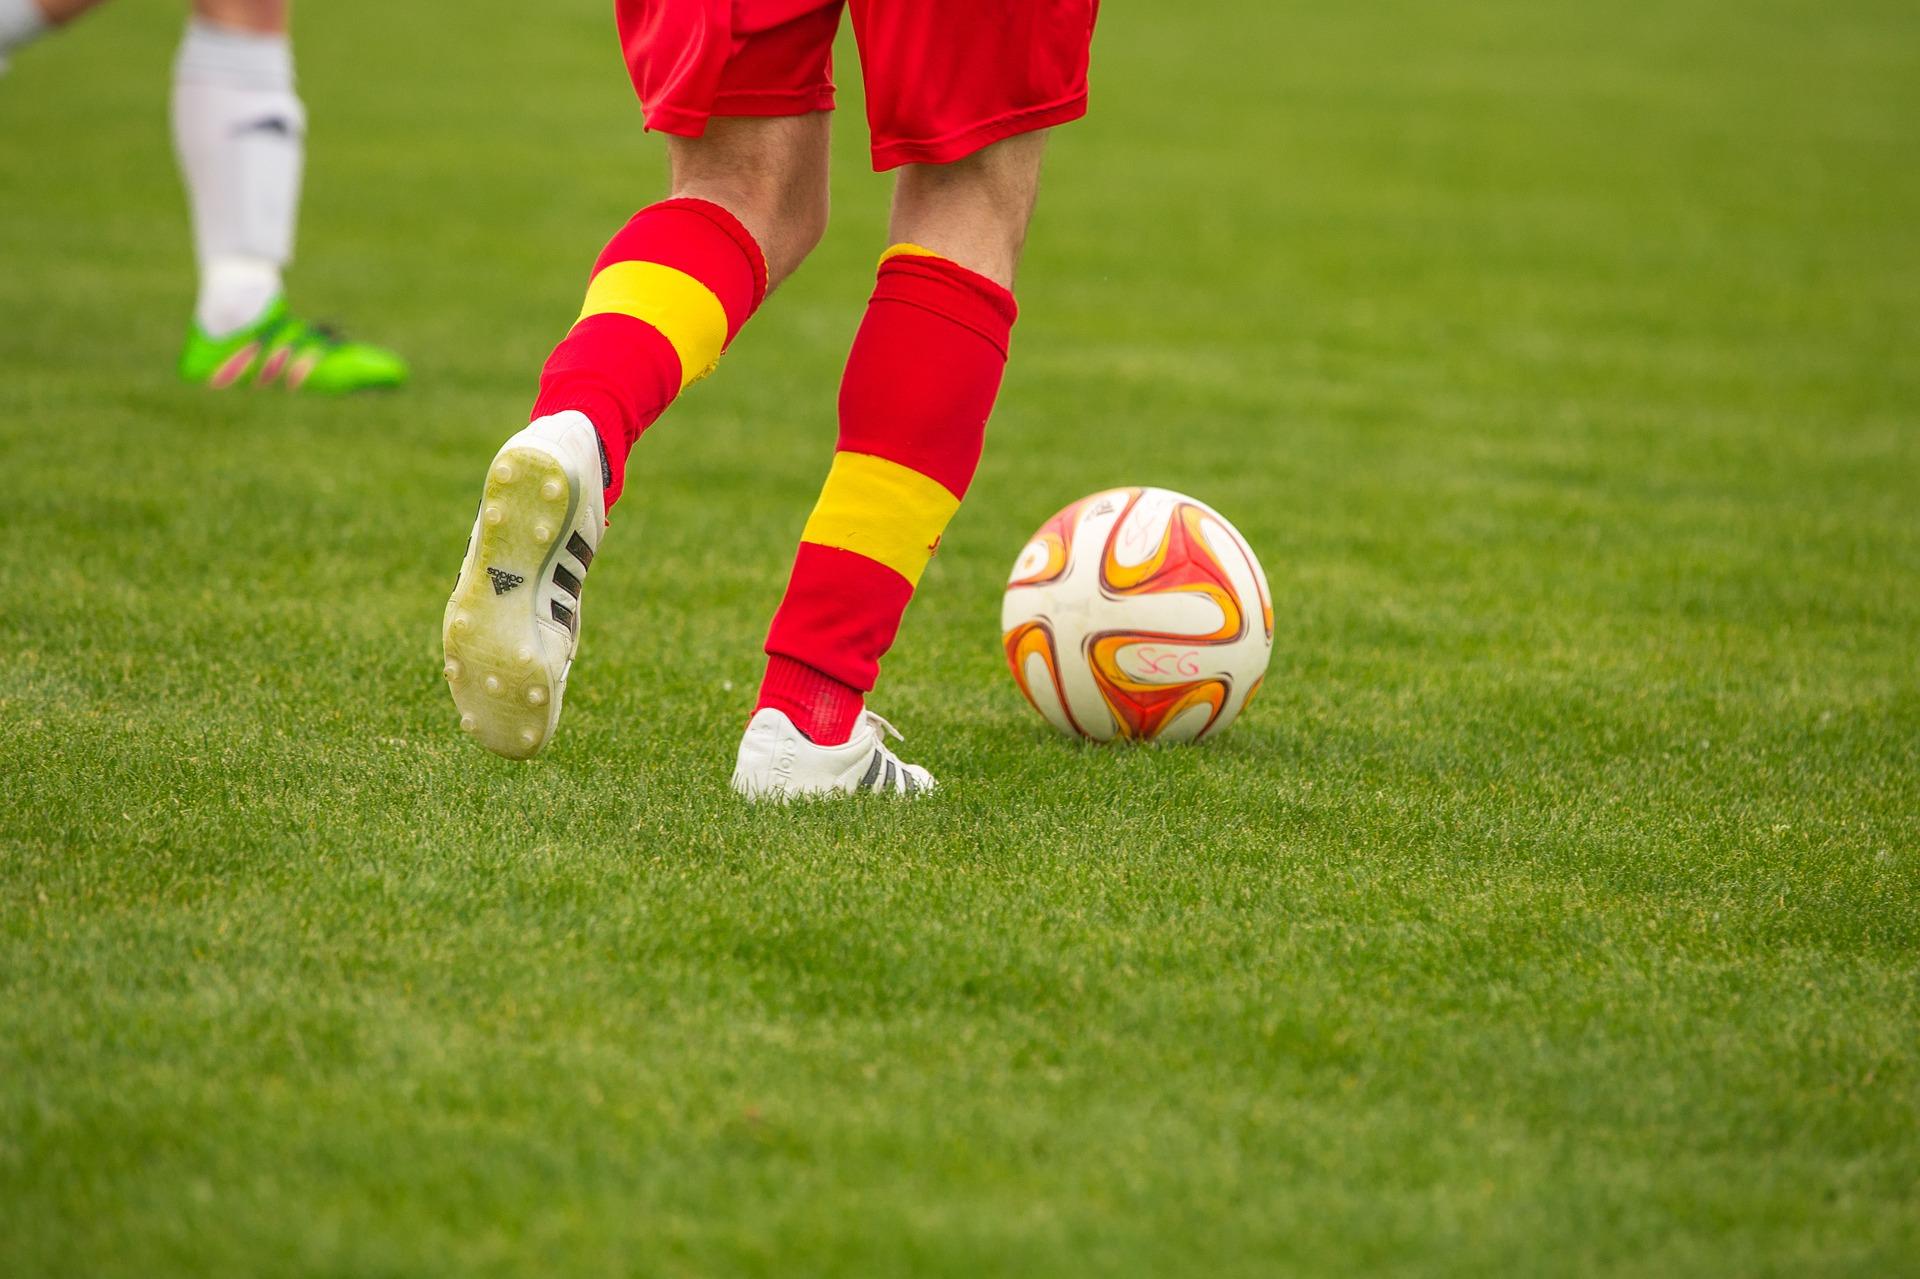 Очередная неделя чемпионата РусФут «Лиги Внуковского 2020/2021» завершилась во Внуковском